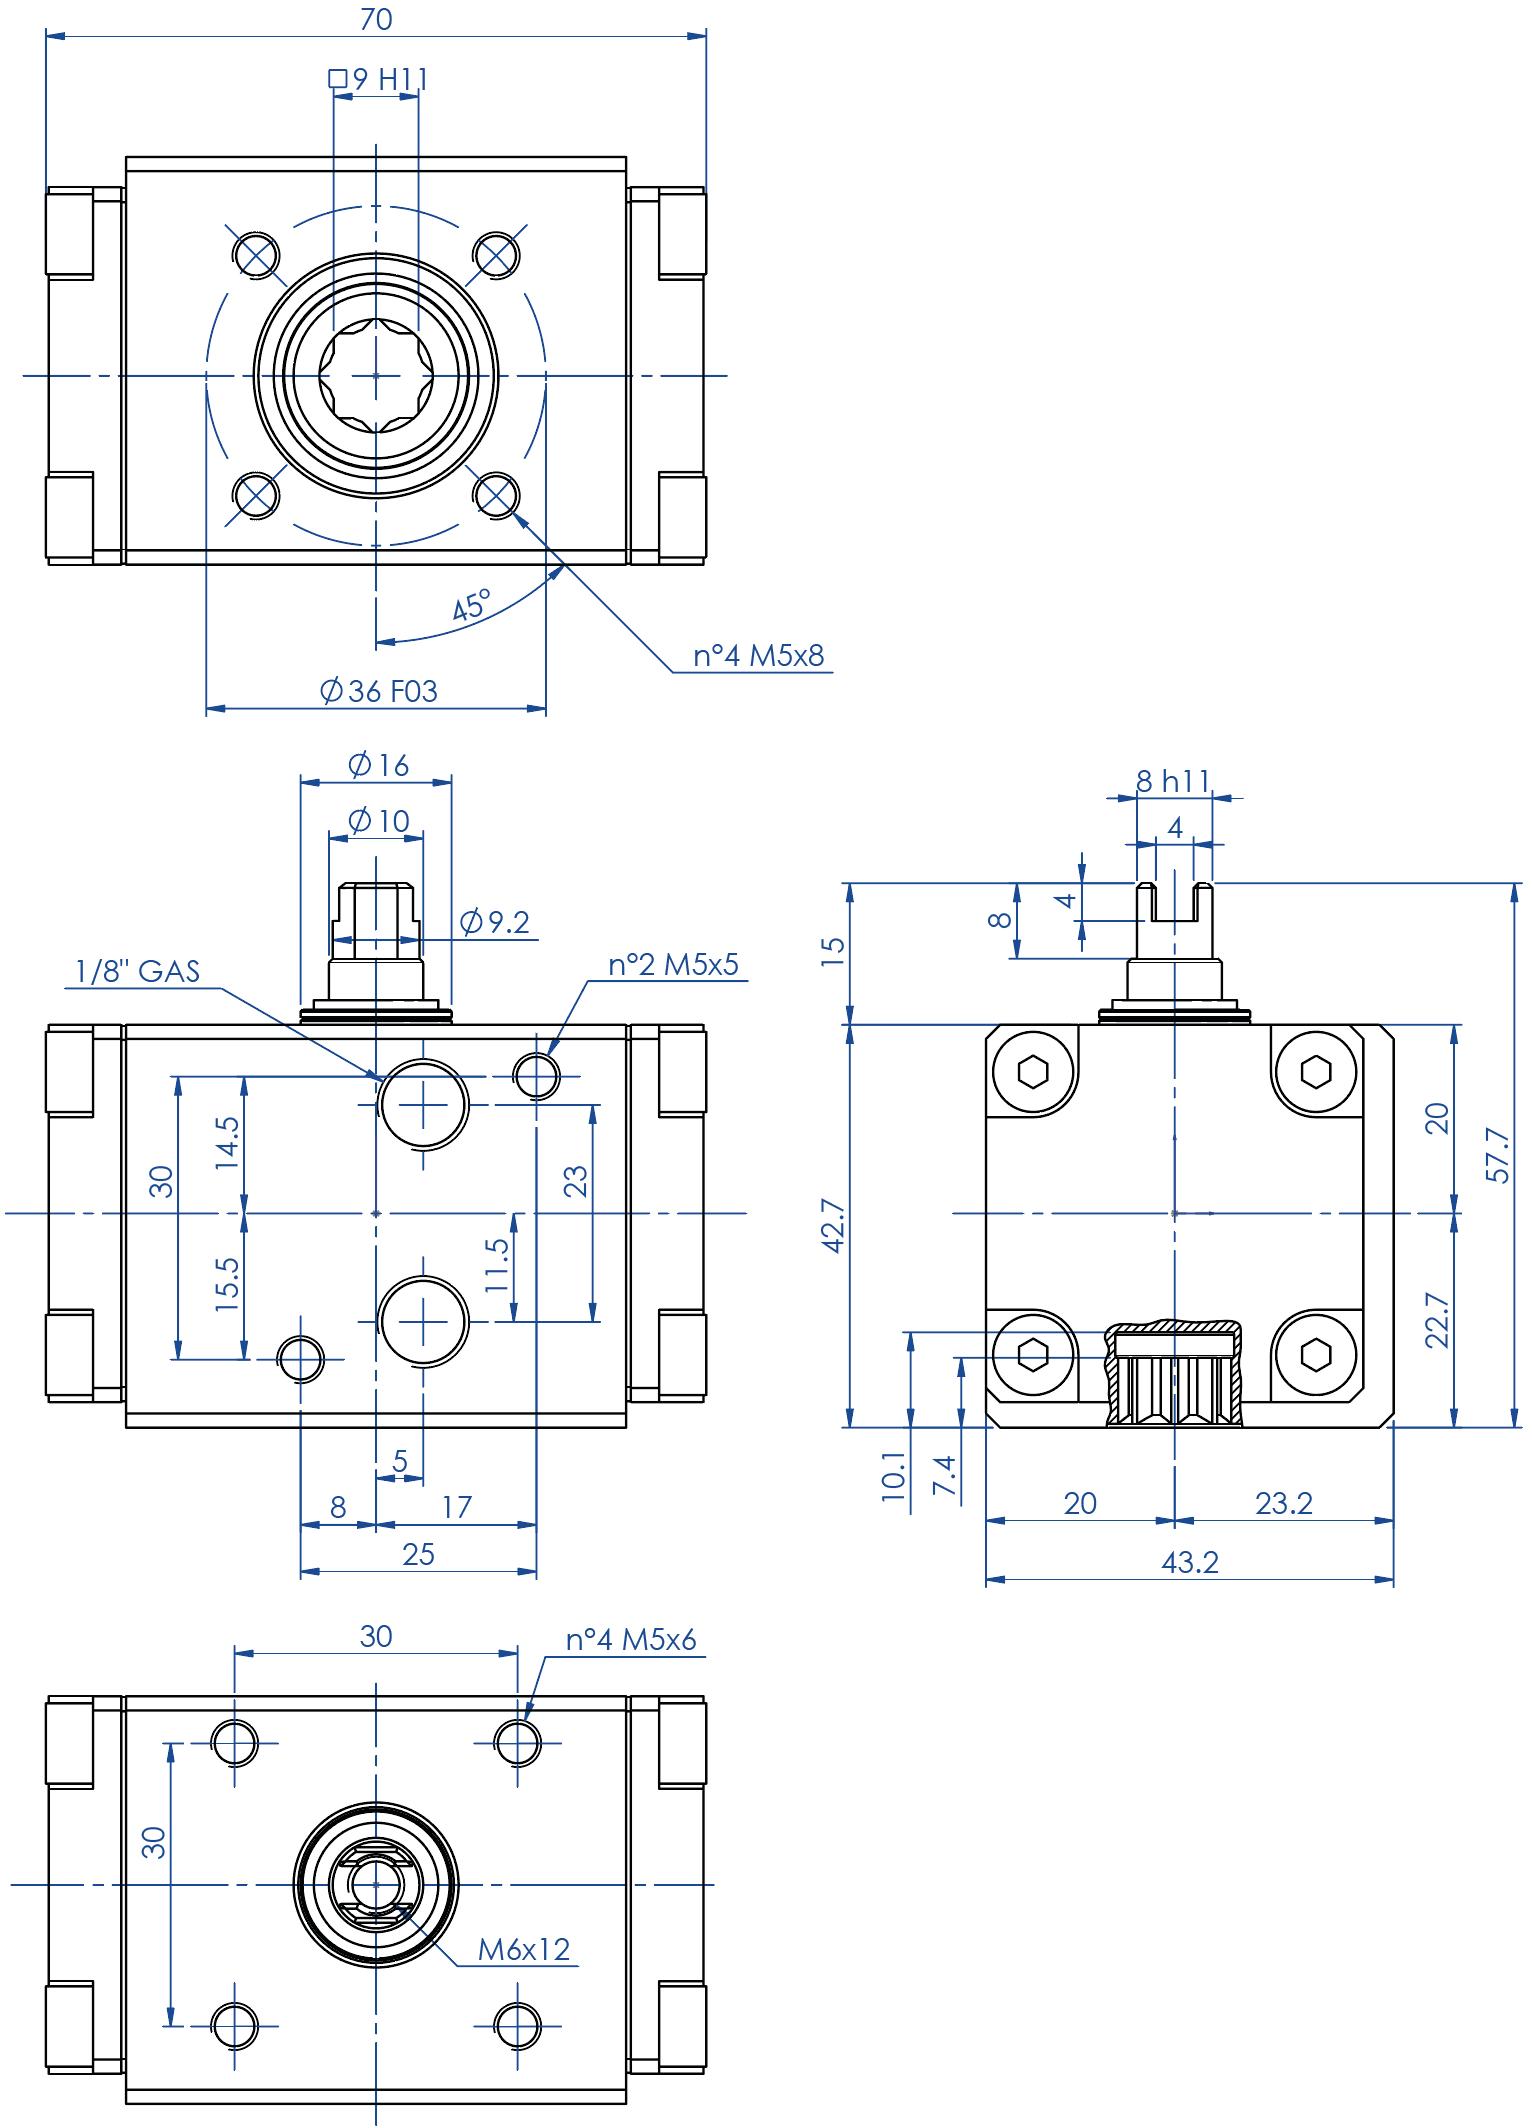 Atuador pneumático de efeito duplo GD em alumínio  - dimensões - Atuador de efeito duplo tamanho GD08 (Nm)